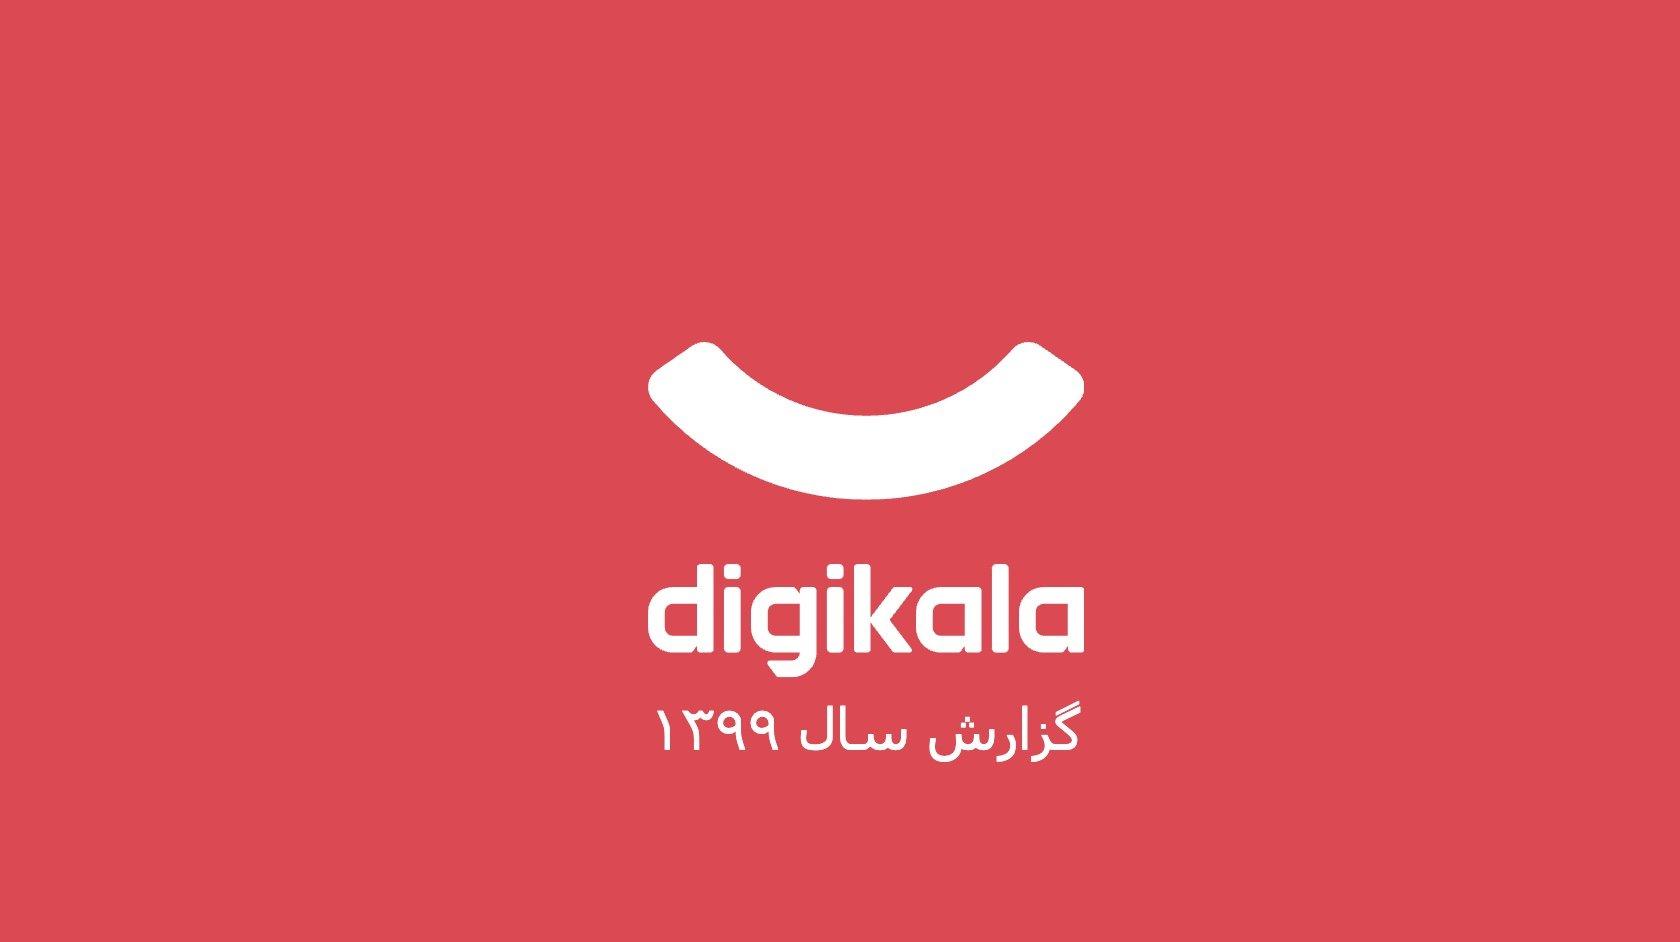 گزارش سال ۹۹ دیجیکالا منتشر شد: ۱۵۰ هزار فروشنده، ۴.۵ میلیون تنوع کالایی